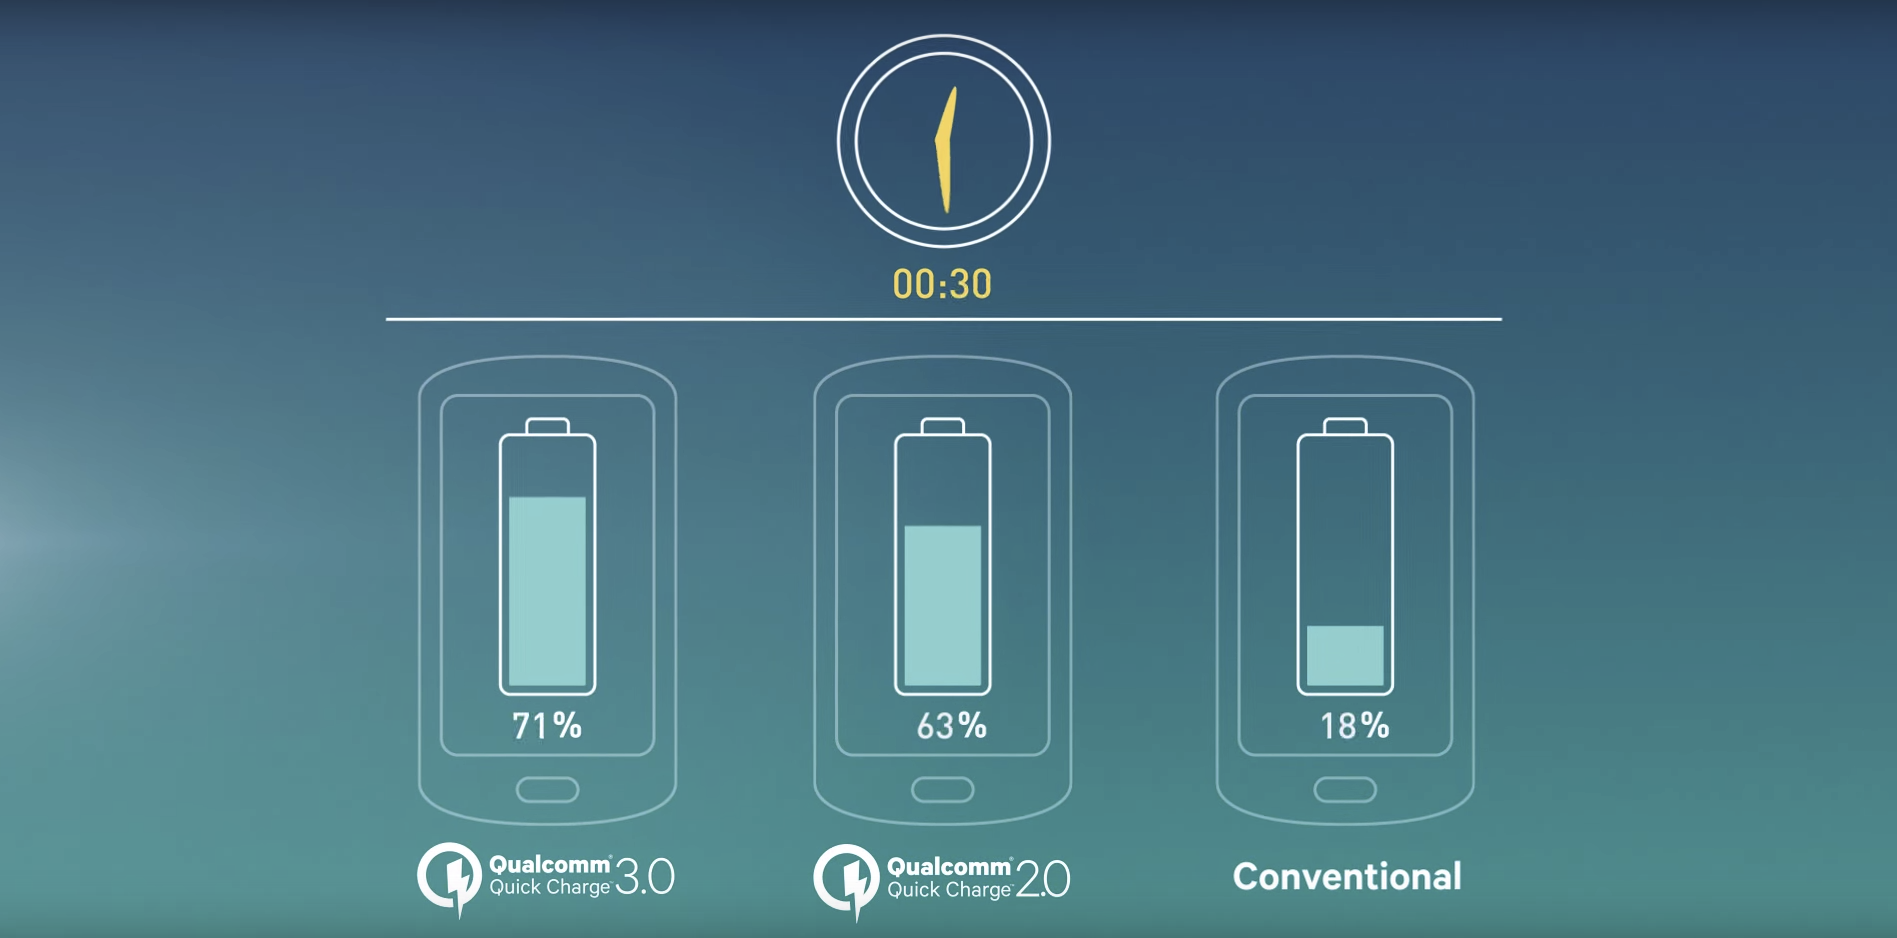 Améliorations entre Quick Charge 2.0 et 3.0